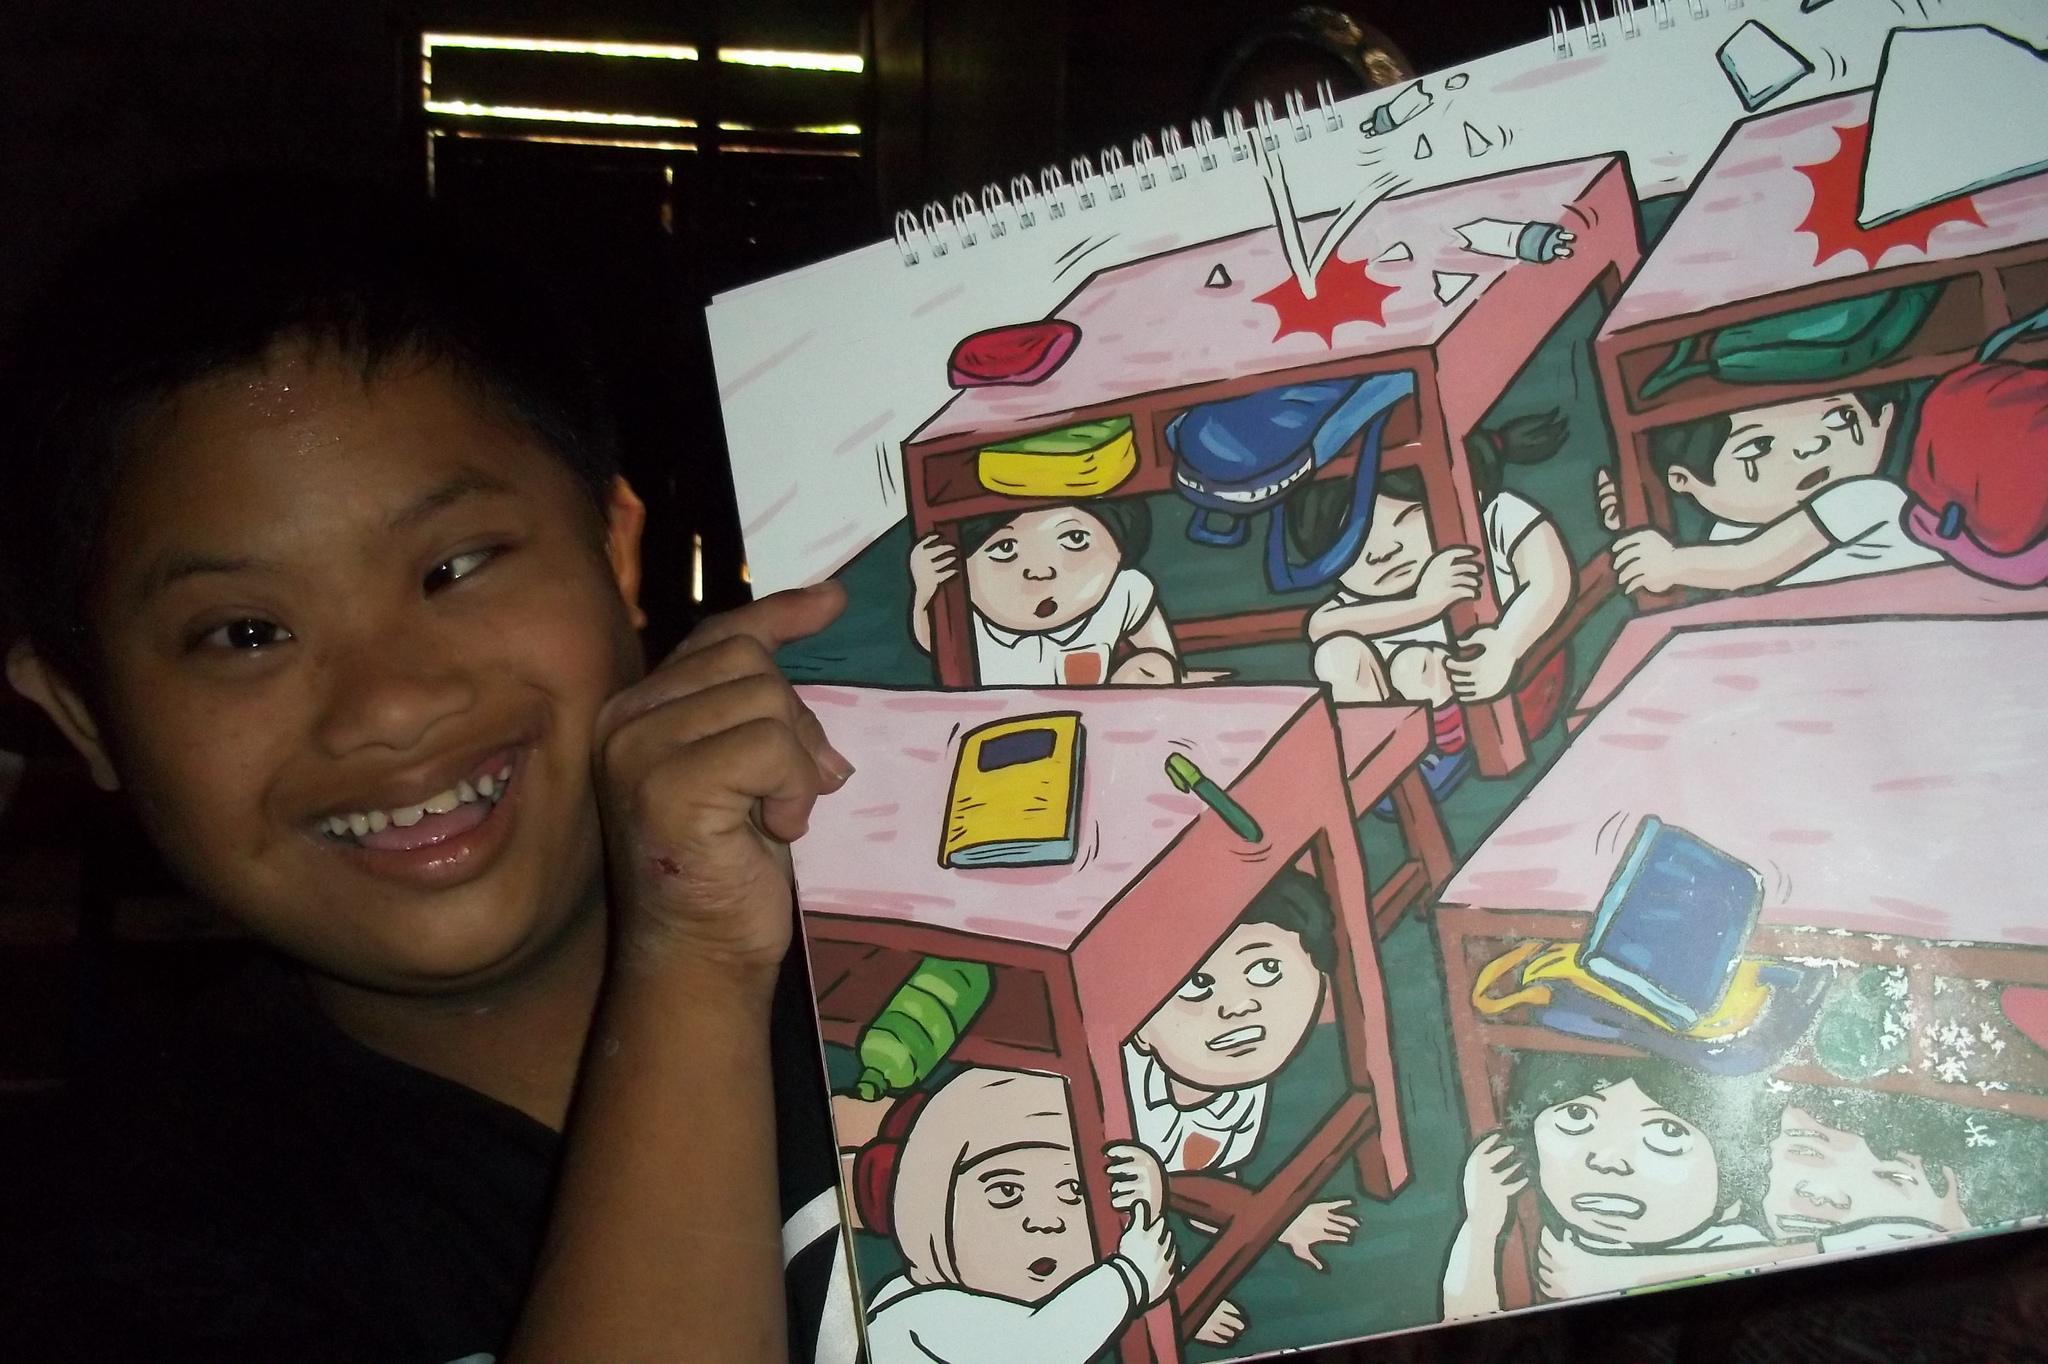 Ein Kind mit Down-Syndrom hält ein gezeichnetes Bild in der Hand von einer Schulklasse, bei der sich die Kinder vor herunterfallenden Dingen (Erdbeben?) unter Tischen in Schutz bringen.